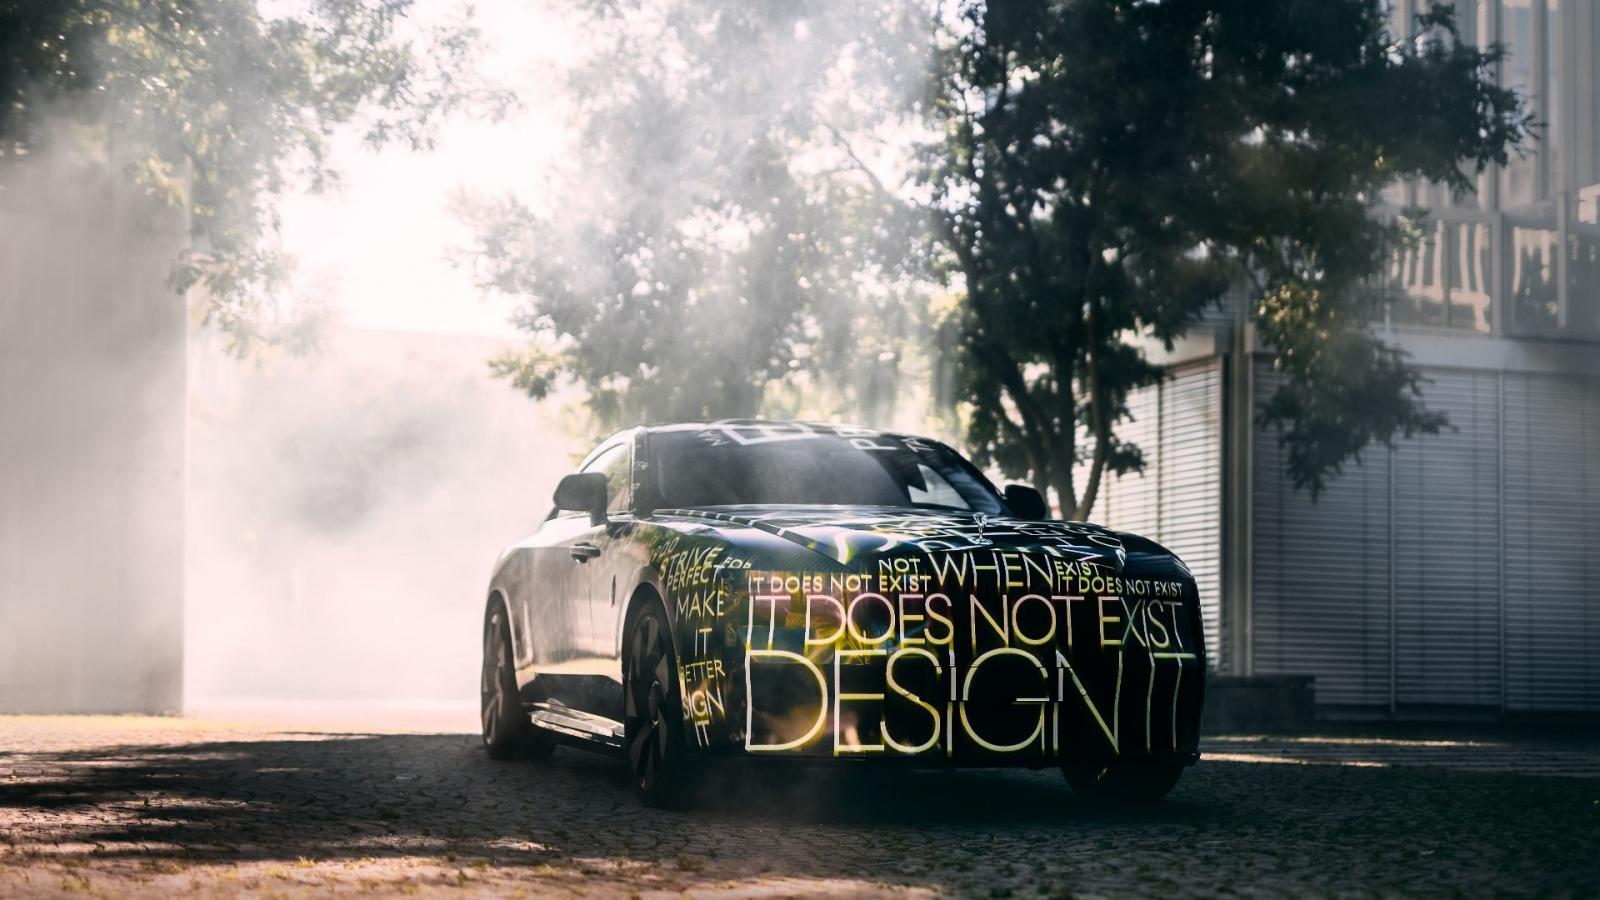 Hãng xe siêu sang Rolls-Royce hé lộ mẫu xe điện đầu tiên